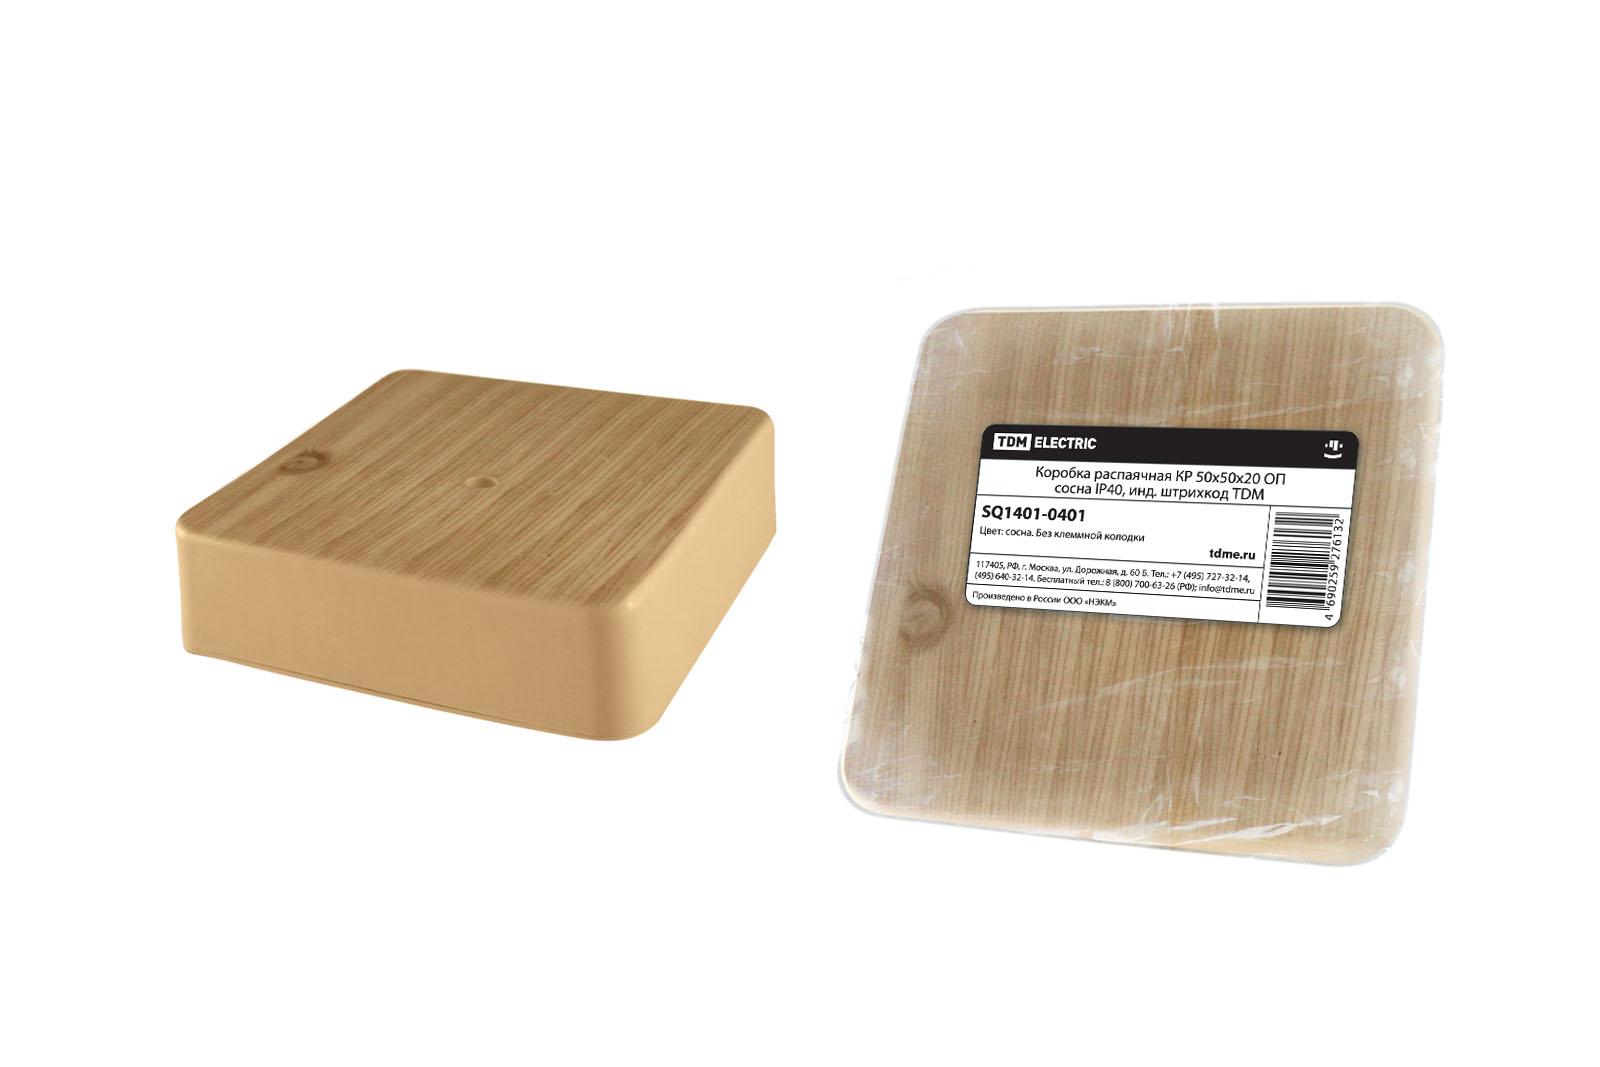 Фото Коробка распаячная КР 50х50х20 ОП сосна IP40, инд. штрихкод TDM {SQ1401-0401}